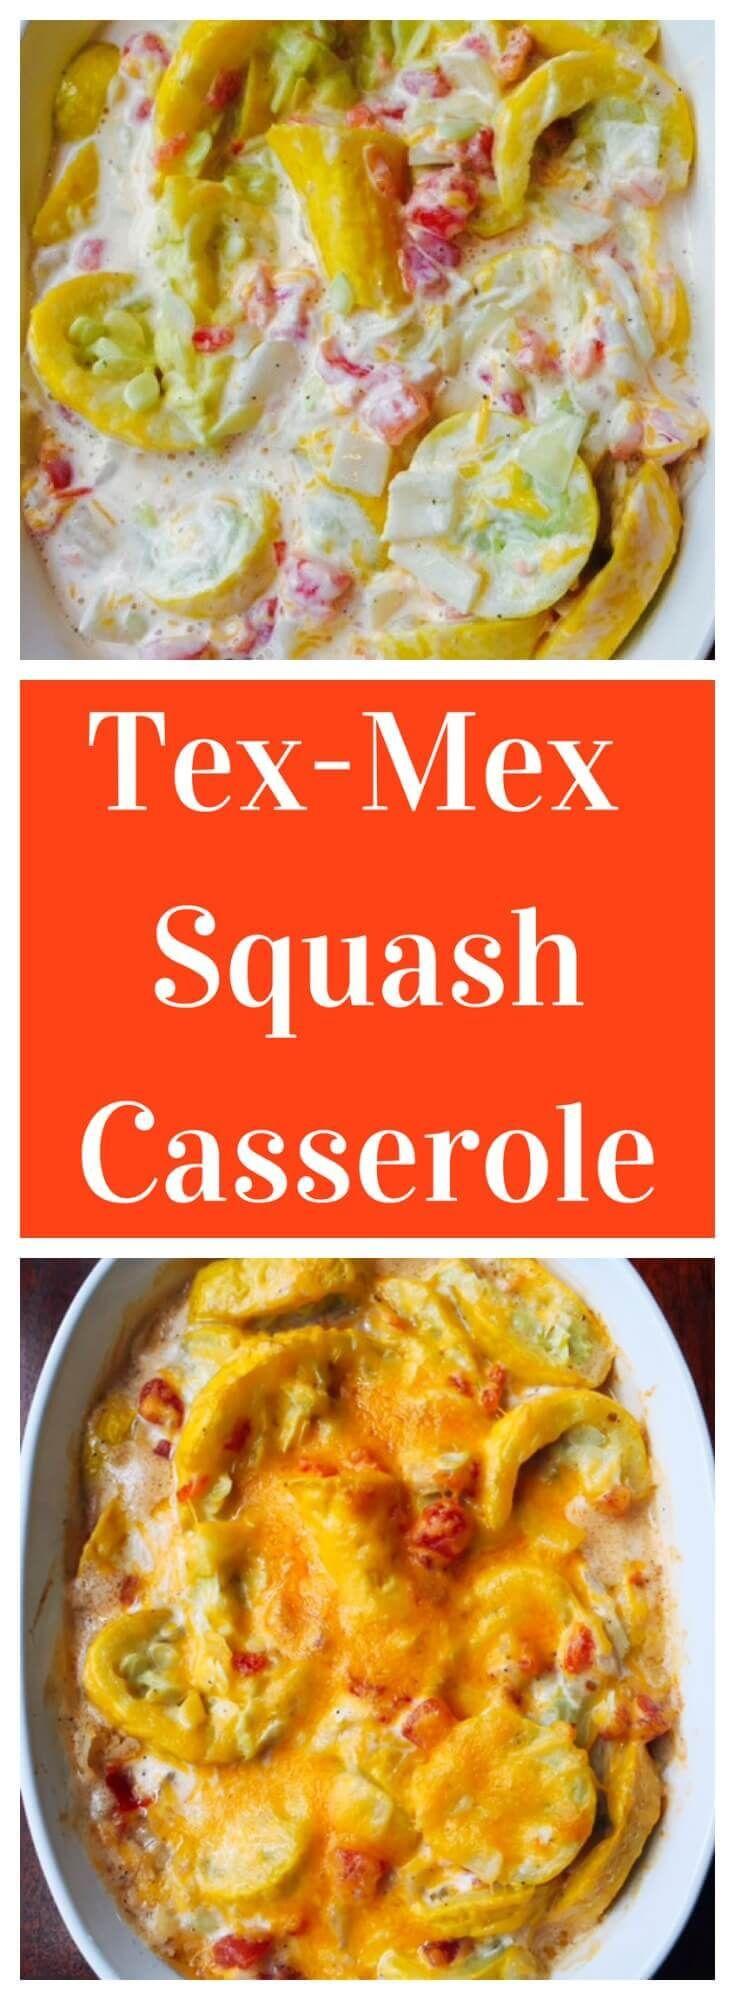 Tex-Mex Keto Squash Casserole